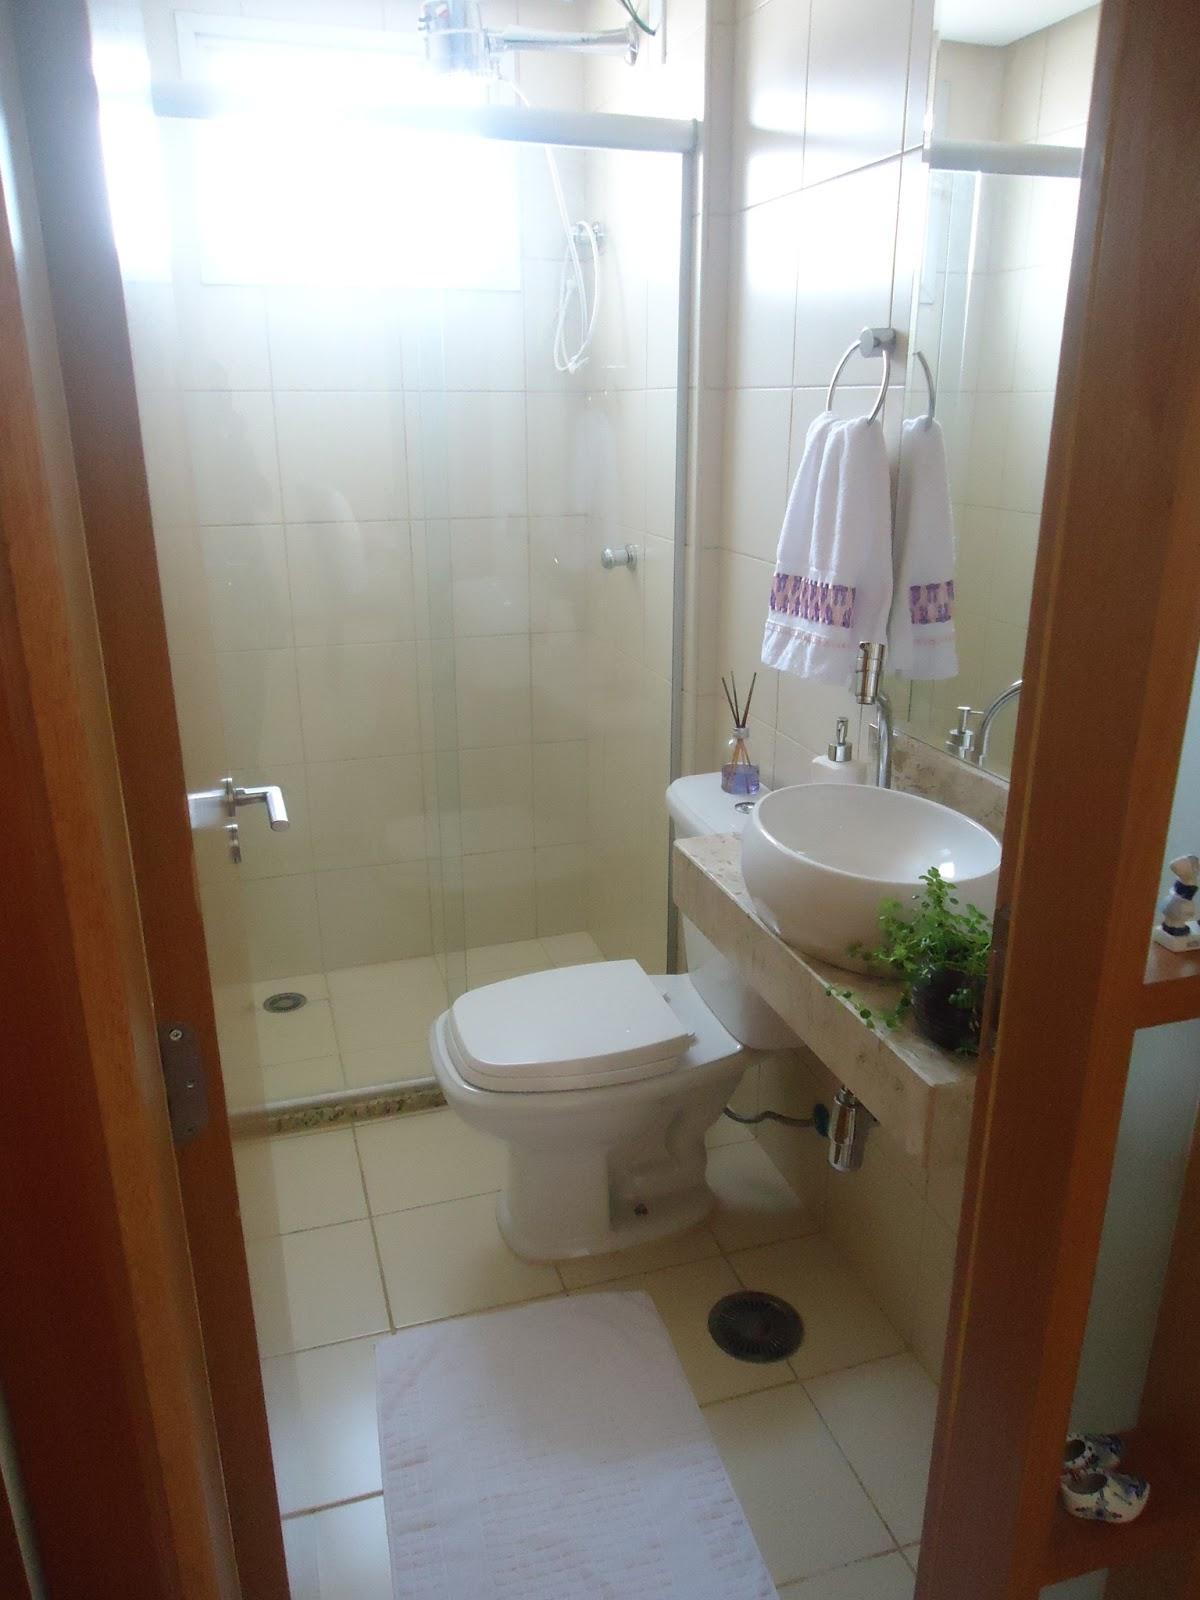 rodinha visto que facilita no momento de limpar. Também gostei da #432716 1200x1600 Armario Banheiro Rodinha